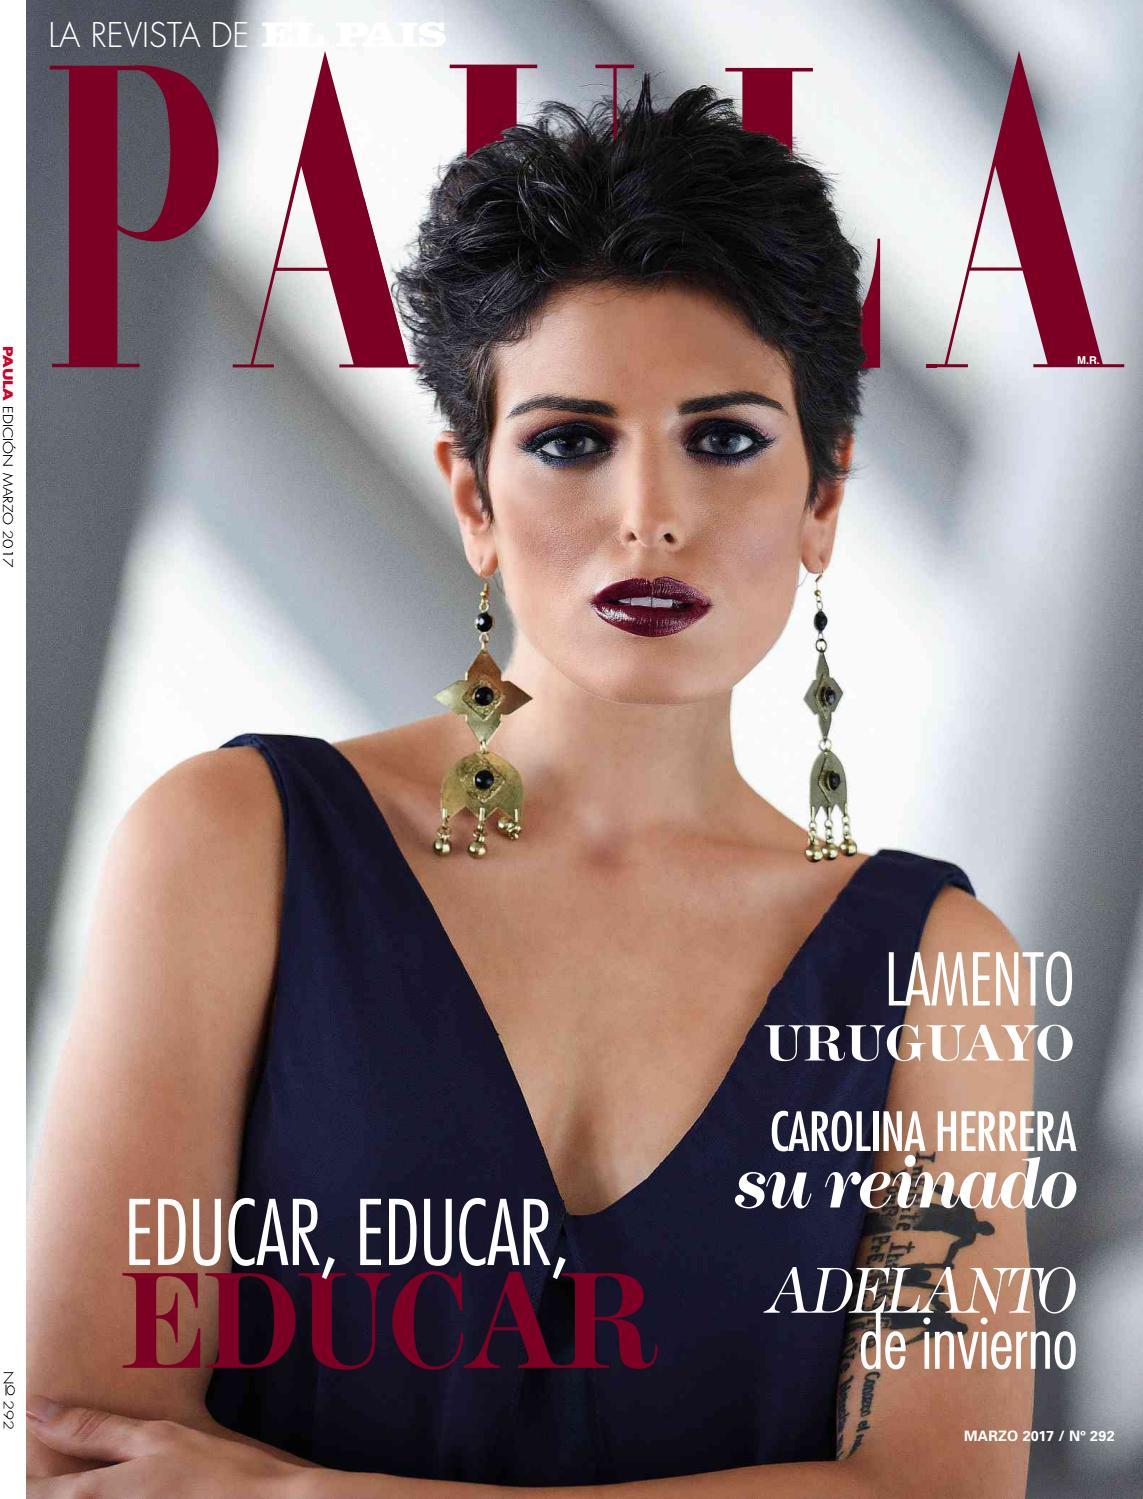 Paula marzo 2017 by Revista Paula - issuu